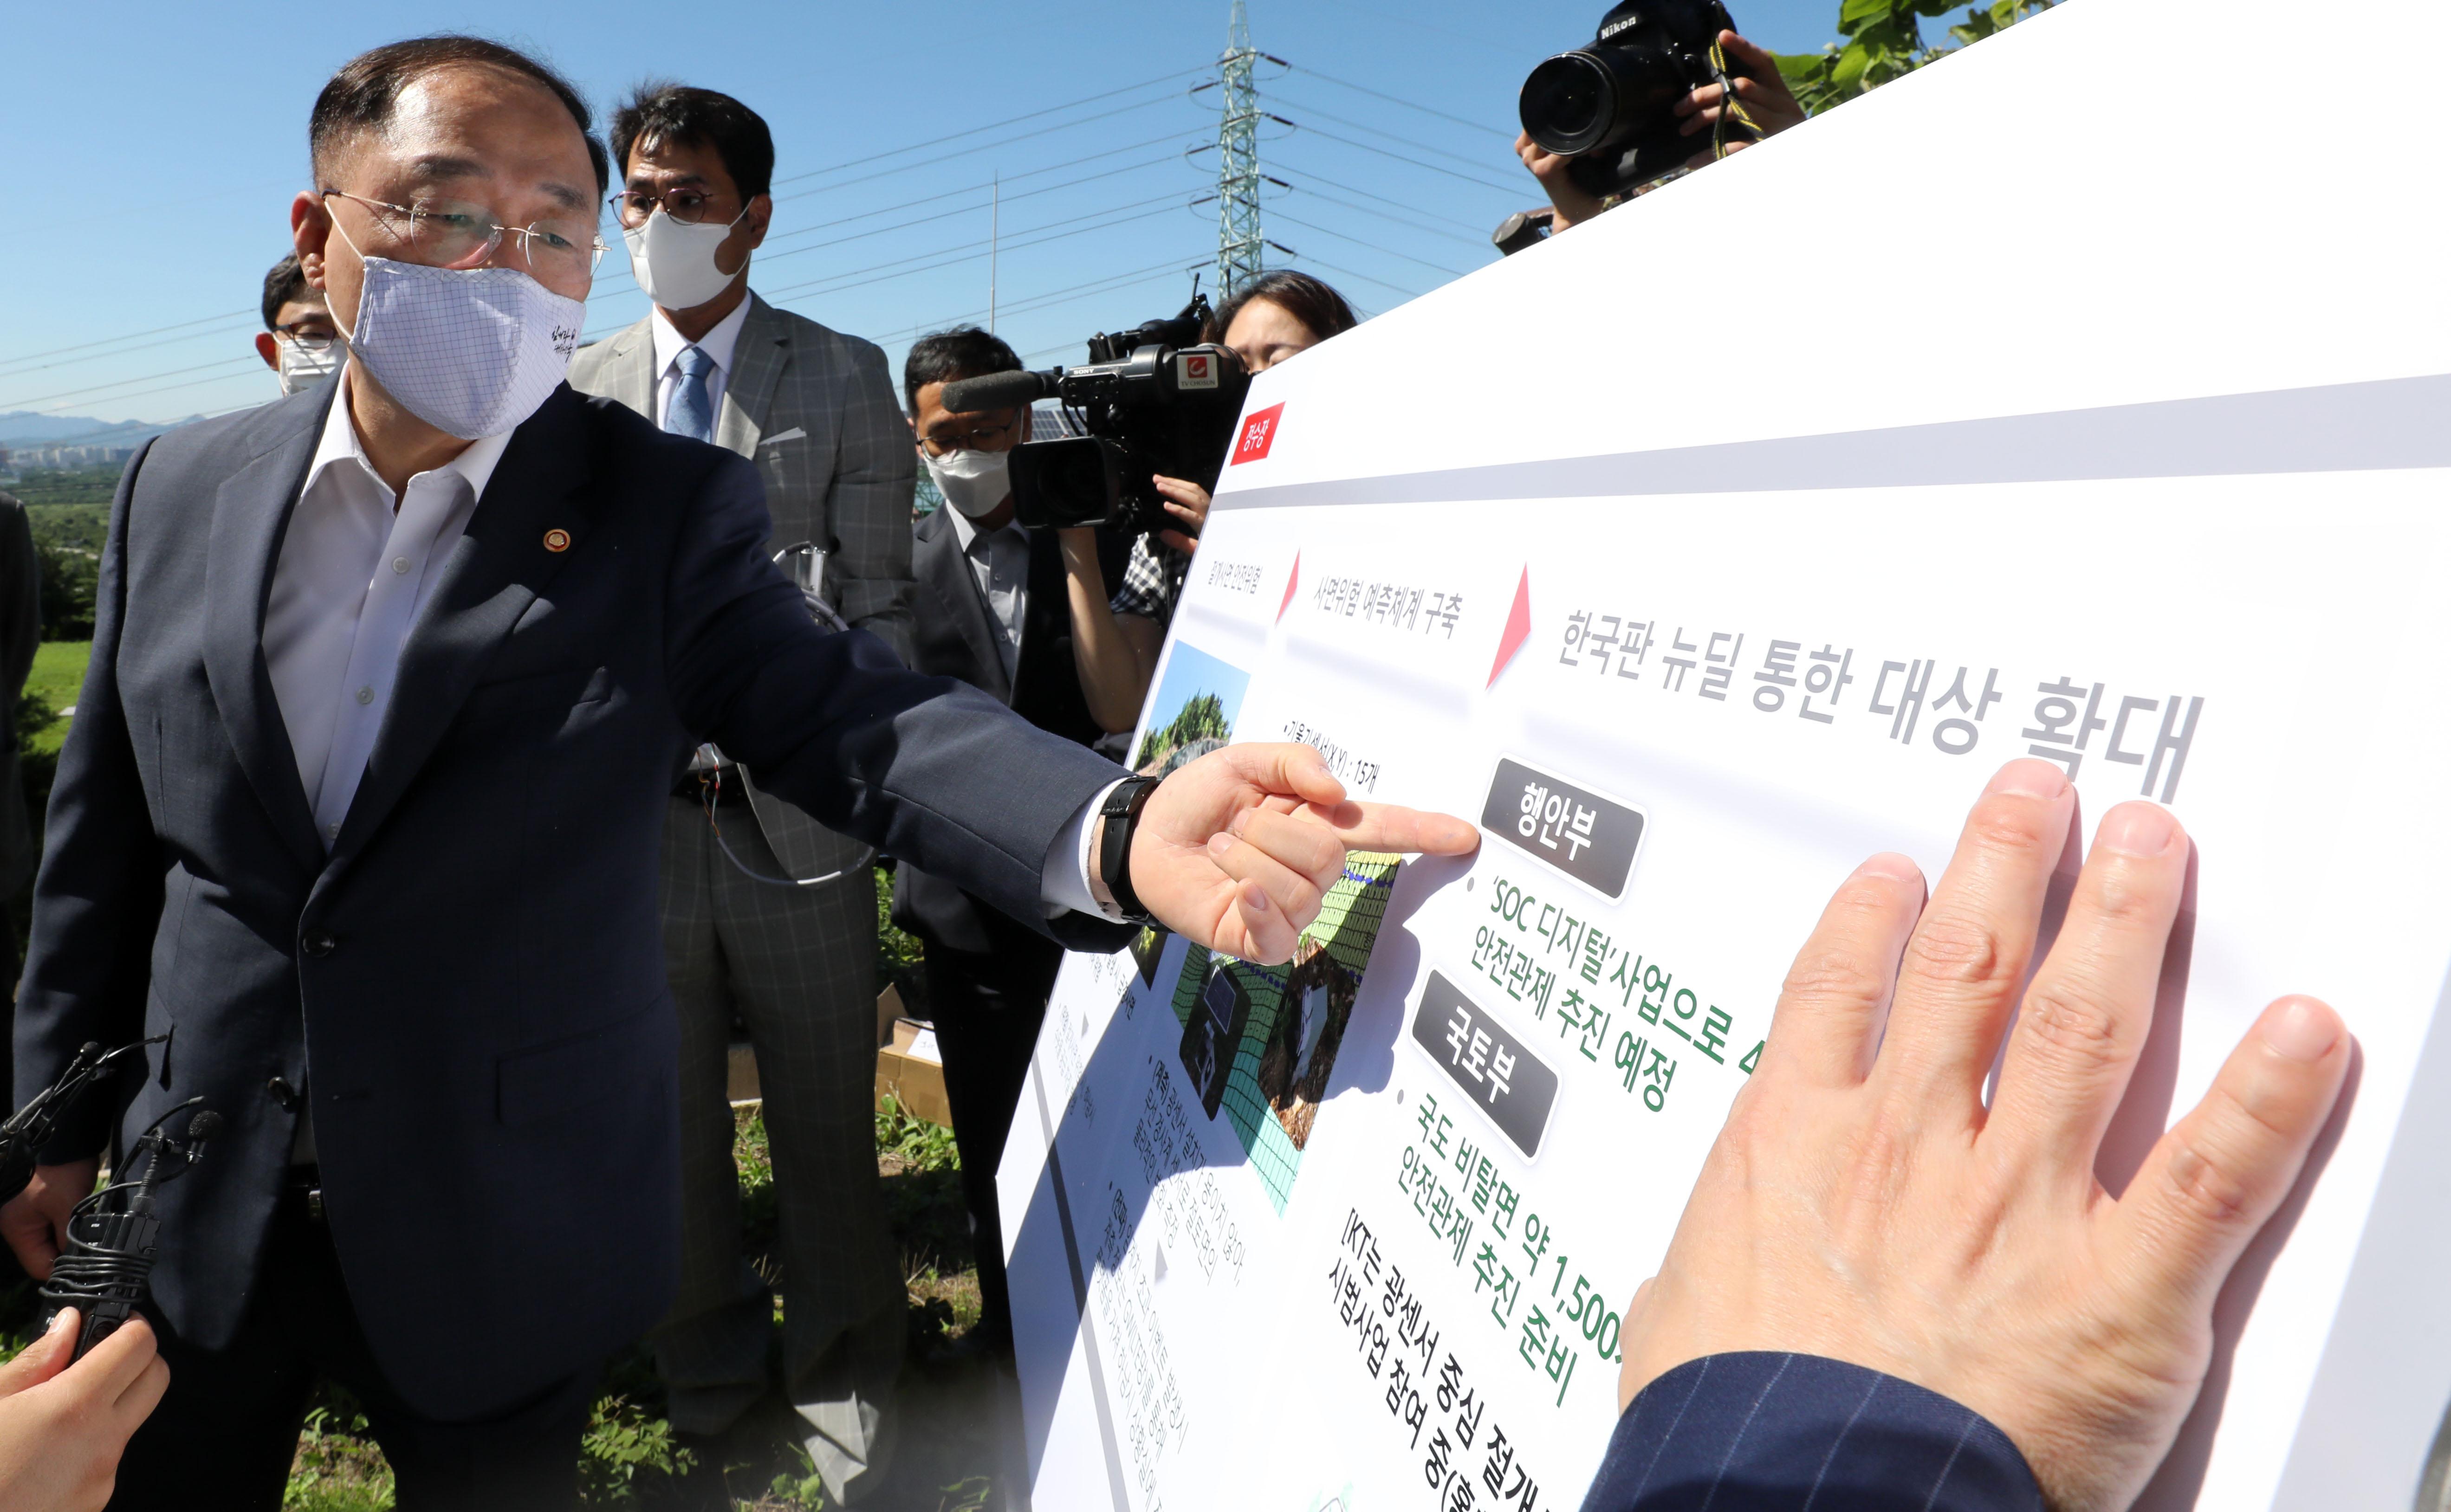 홍남기 경제부총리, KT의 실시간 안전관제 서비스 현장시찰